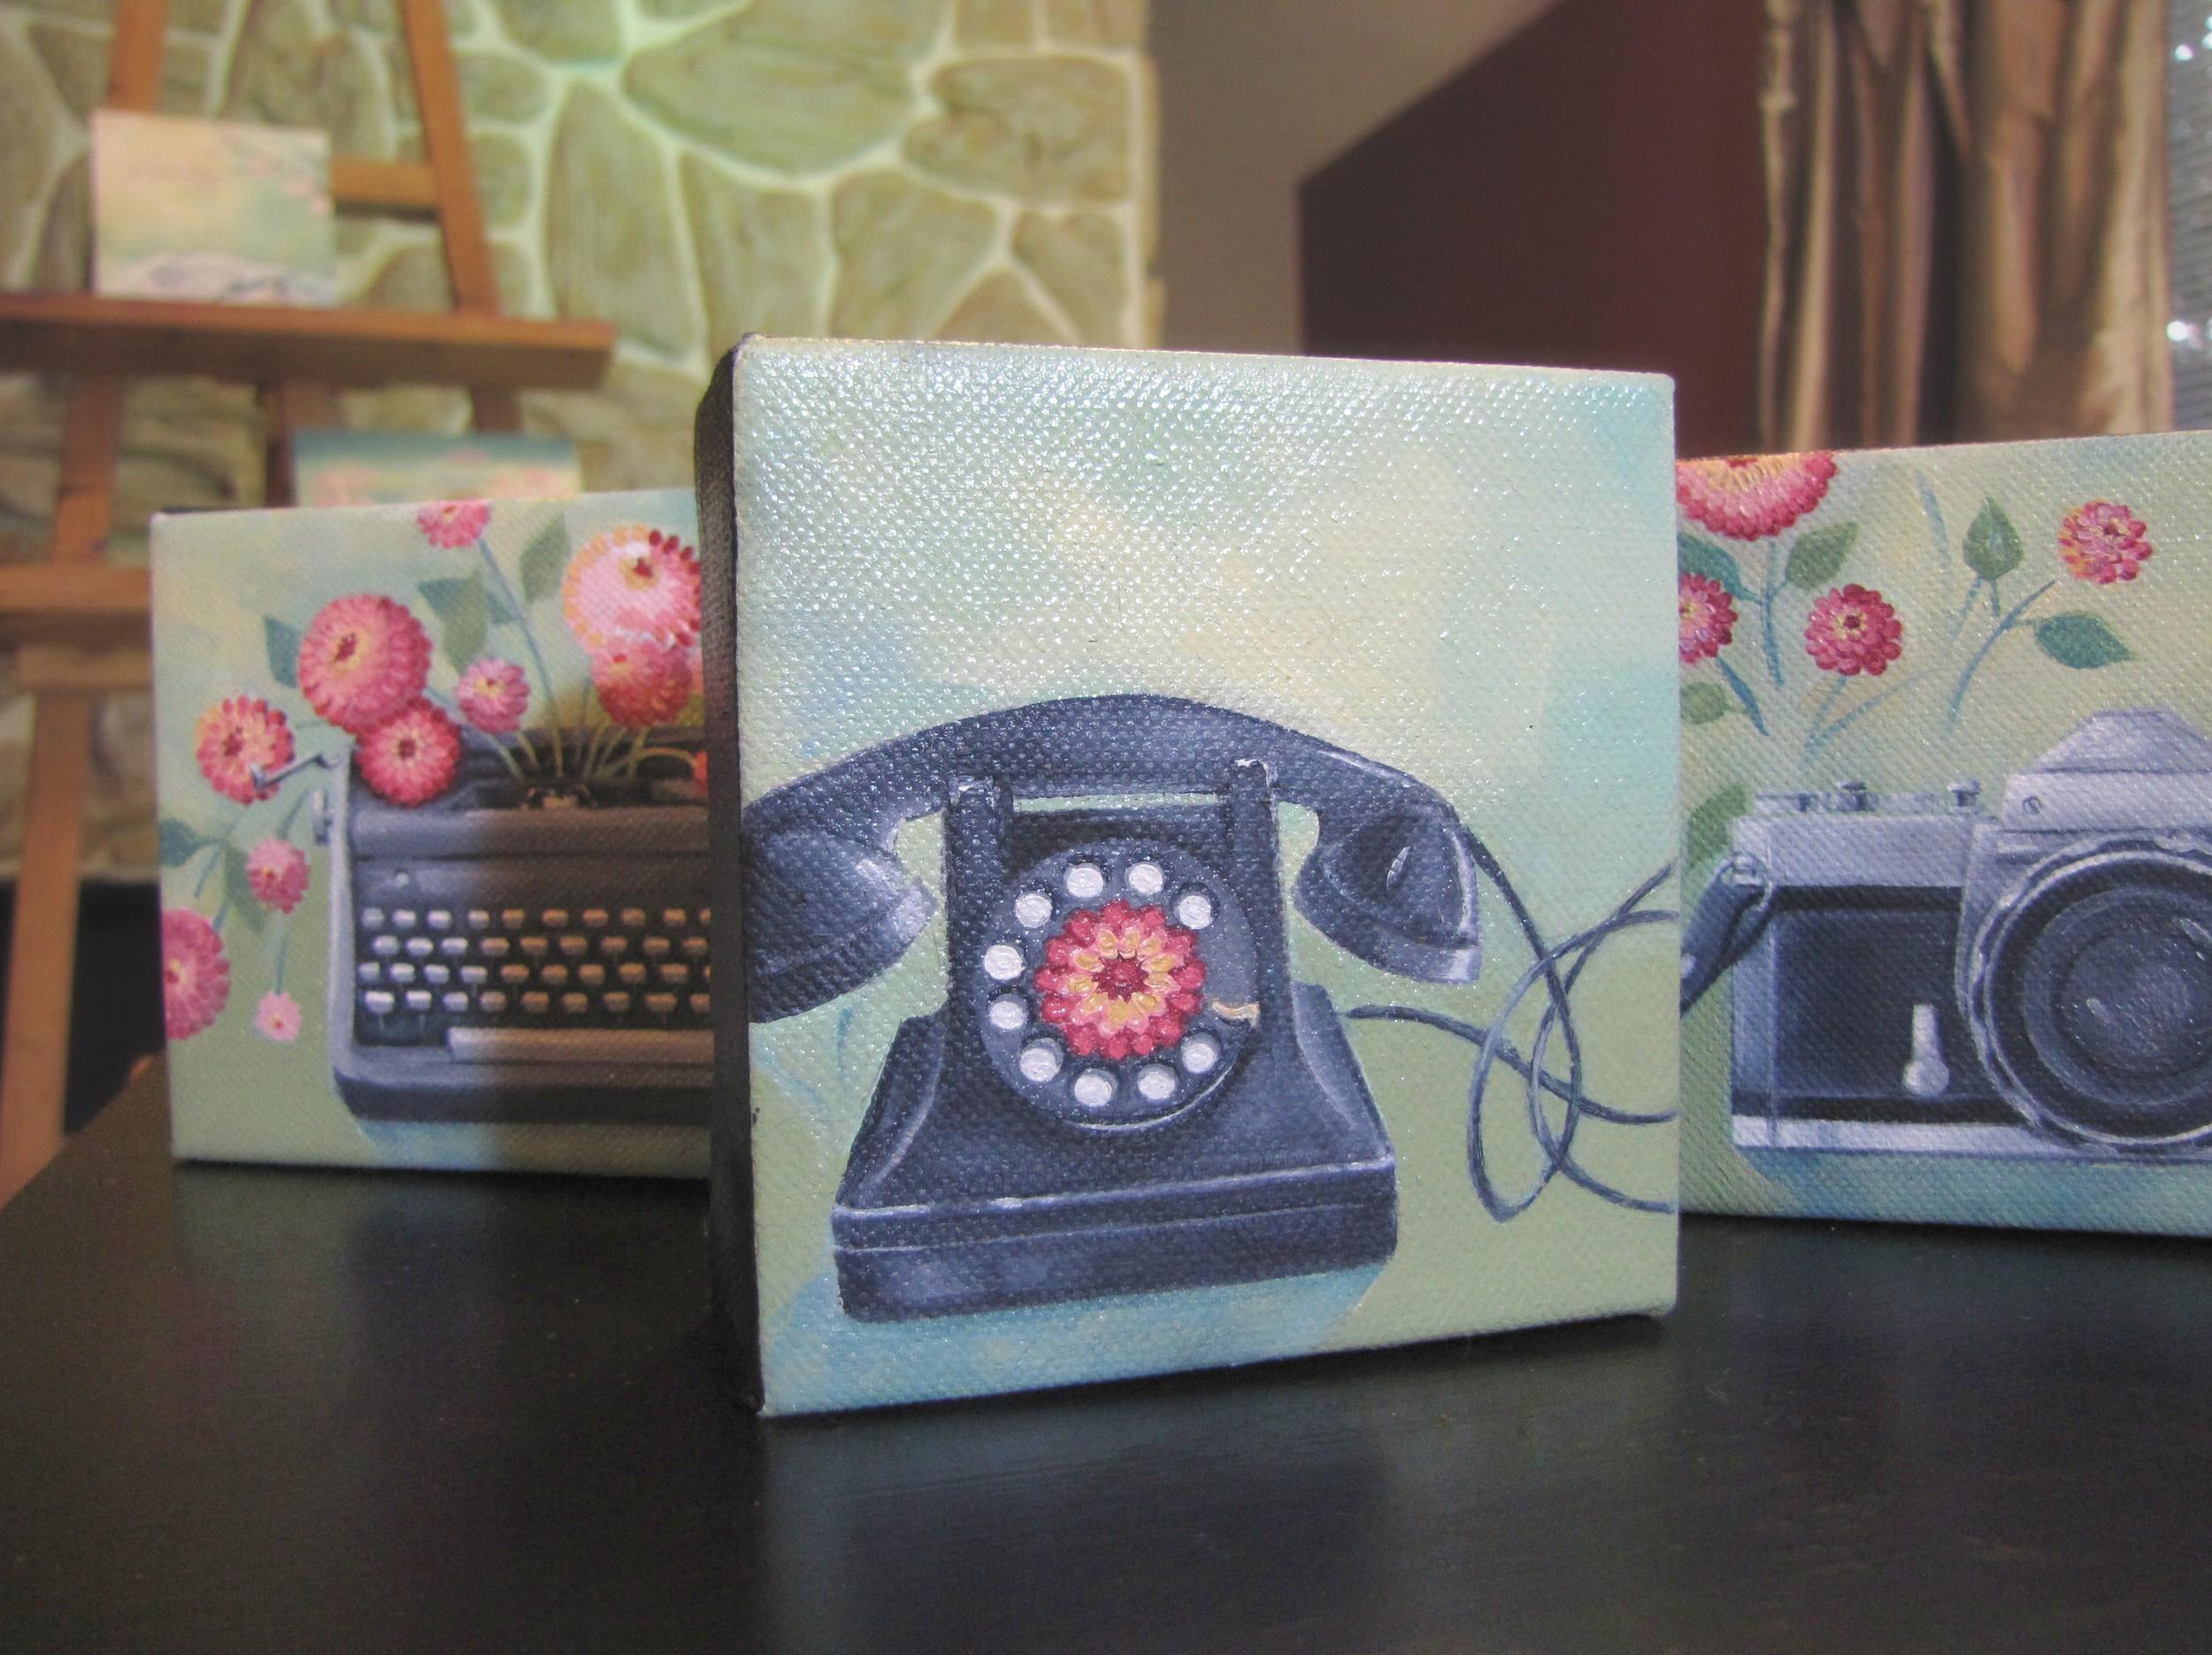 Gigi Reinette - tiny paintings - flowers - vintage phone - vintage camera - typewriter